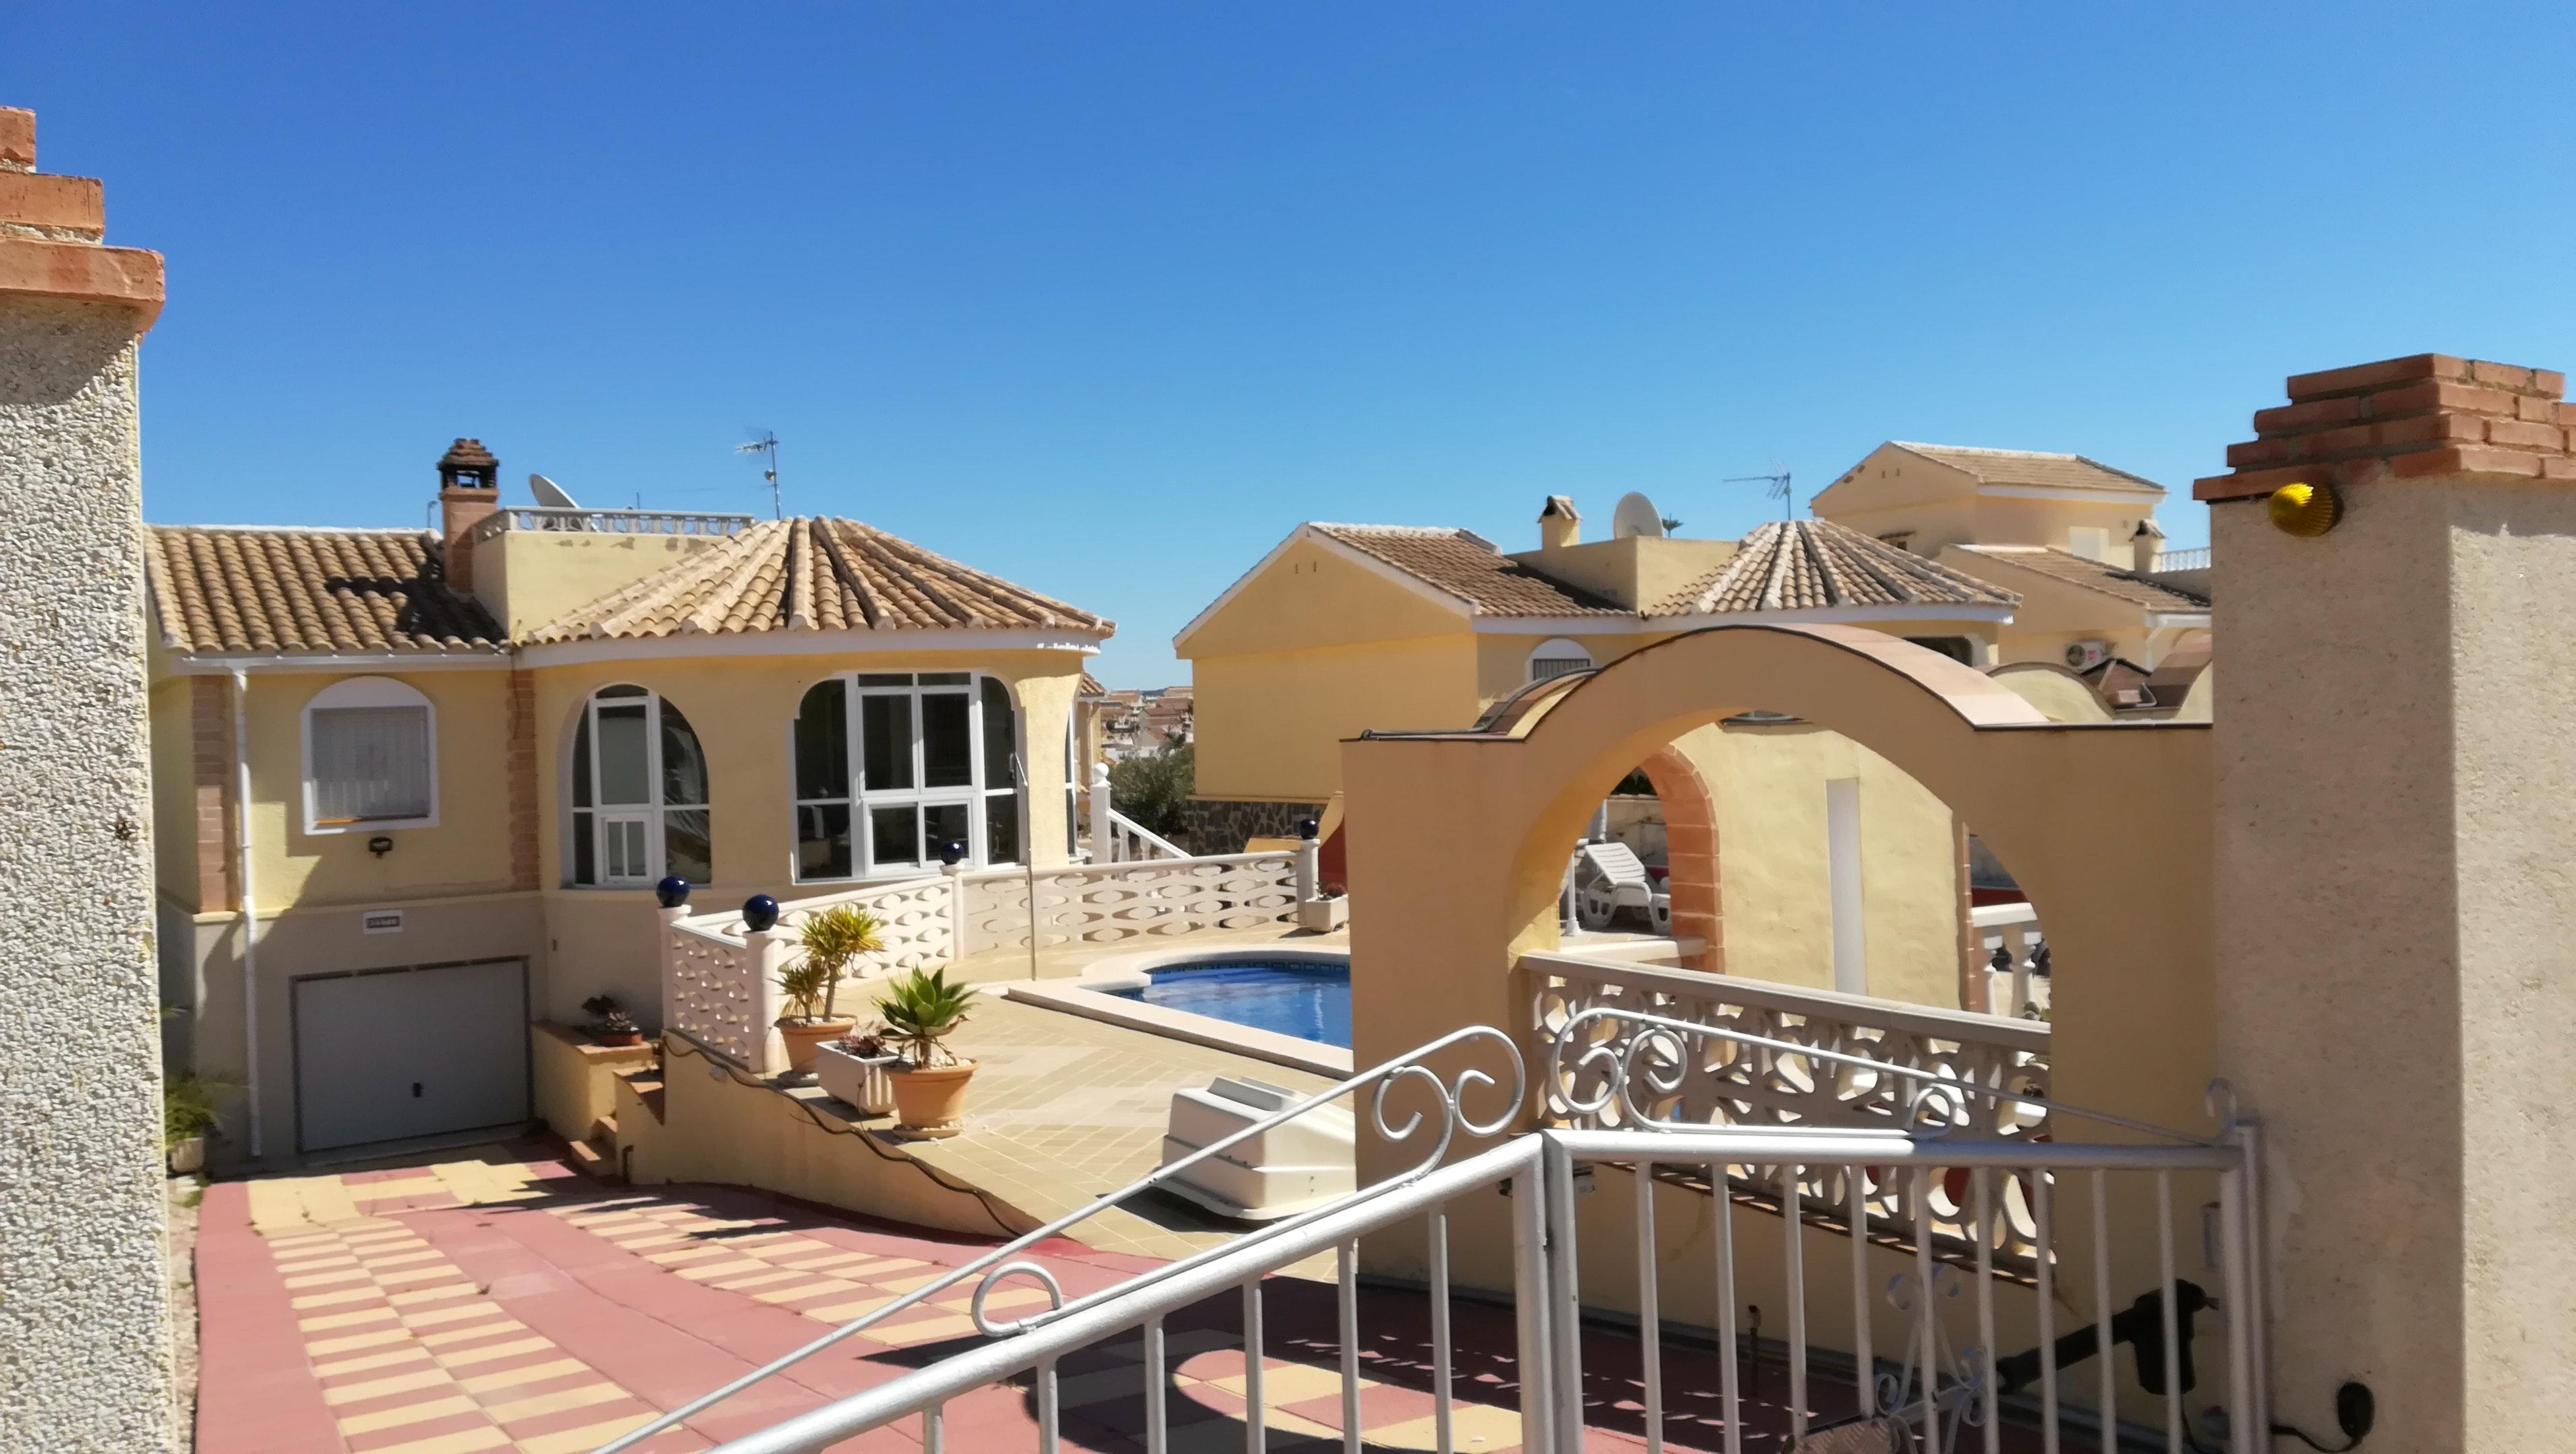 Appartement de vacances Wohnung mit 2 Schlafzimmern in Mazarrón mit toller Aussicht auf die Berge, privatem Pool,  (2632538), Mazarron, Costa Calida, Murcie, Espagne, image 1